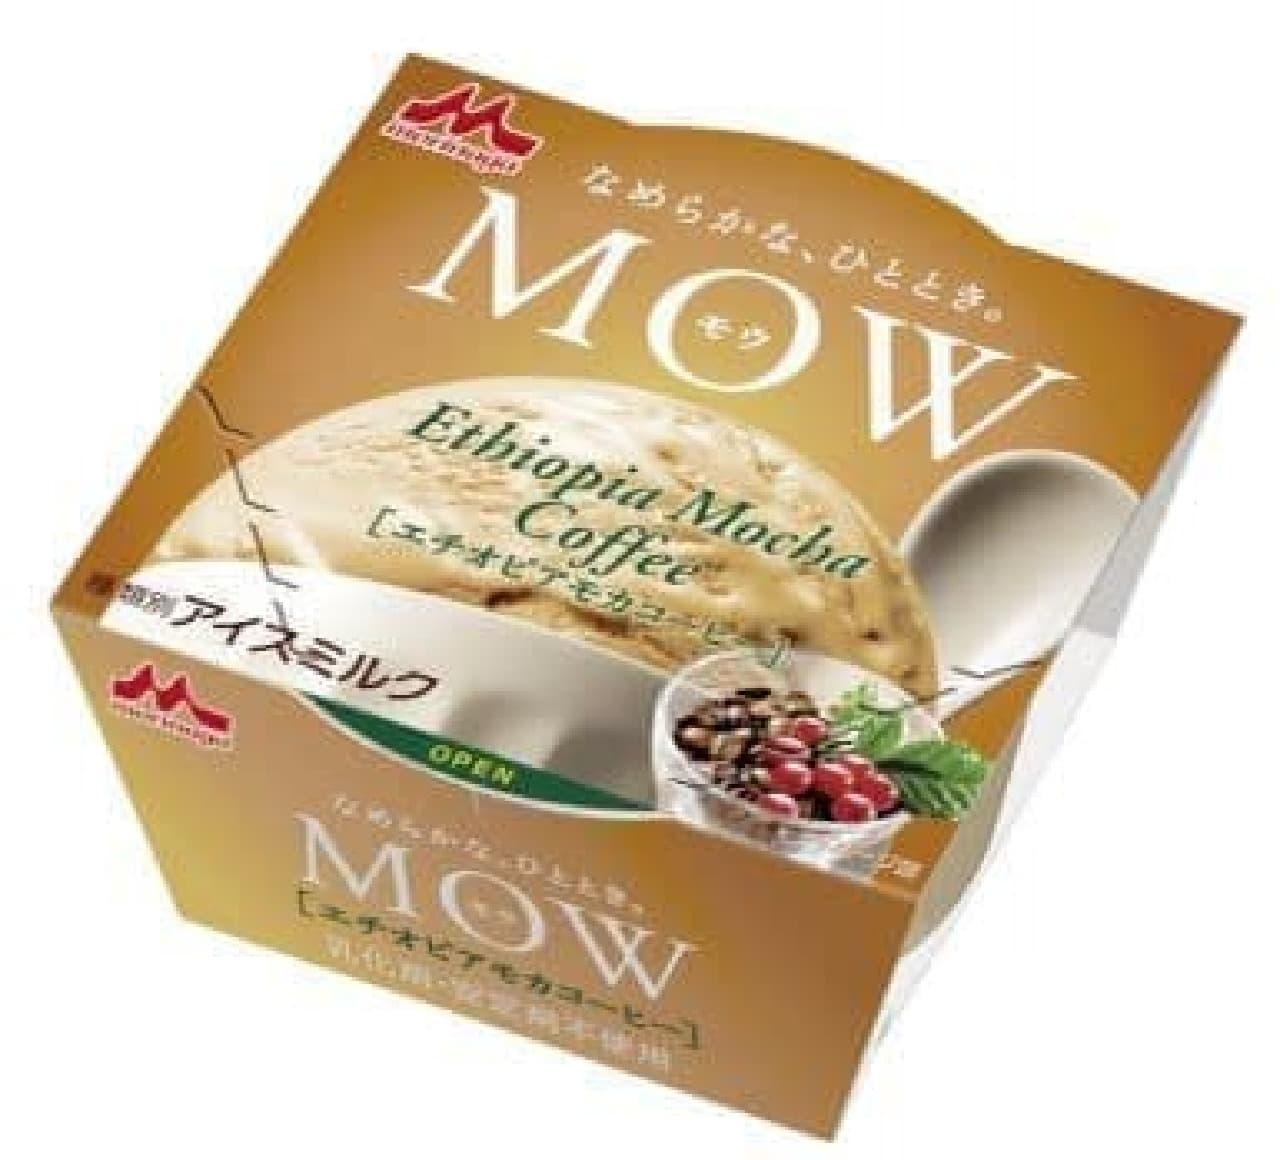 森永乳業「MOW エチオピアモカコーヒー」